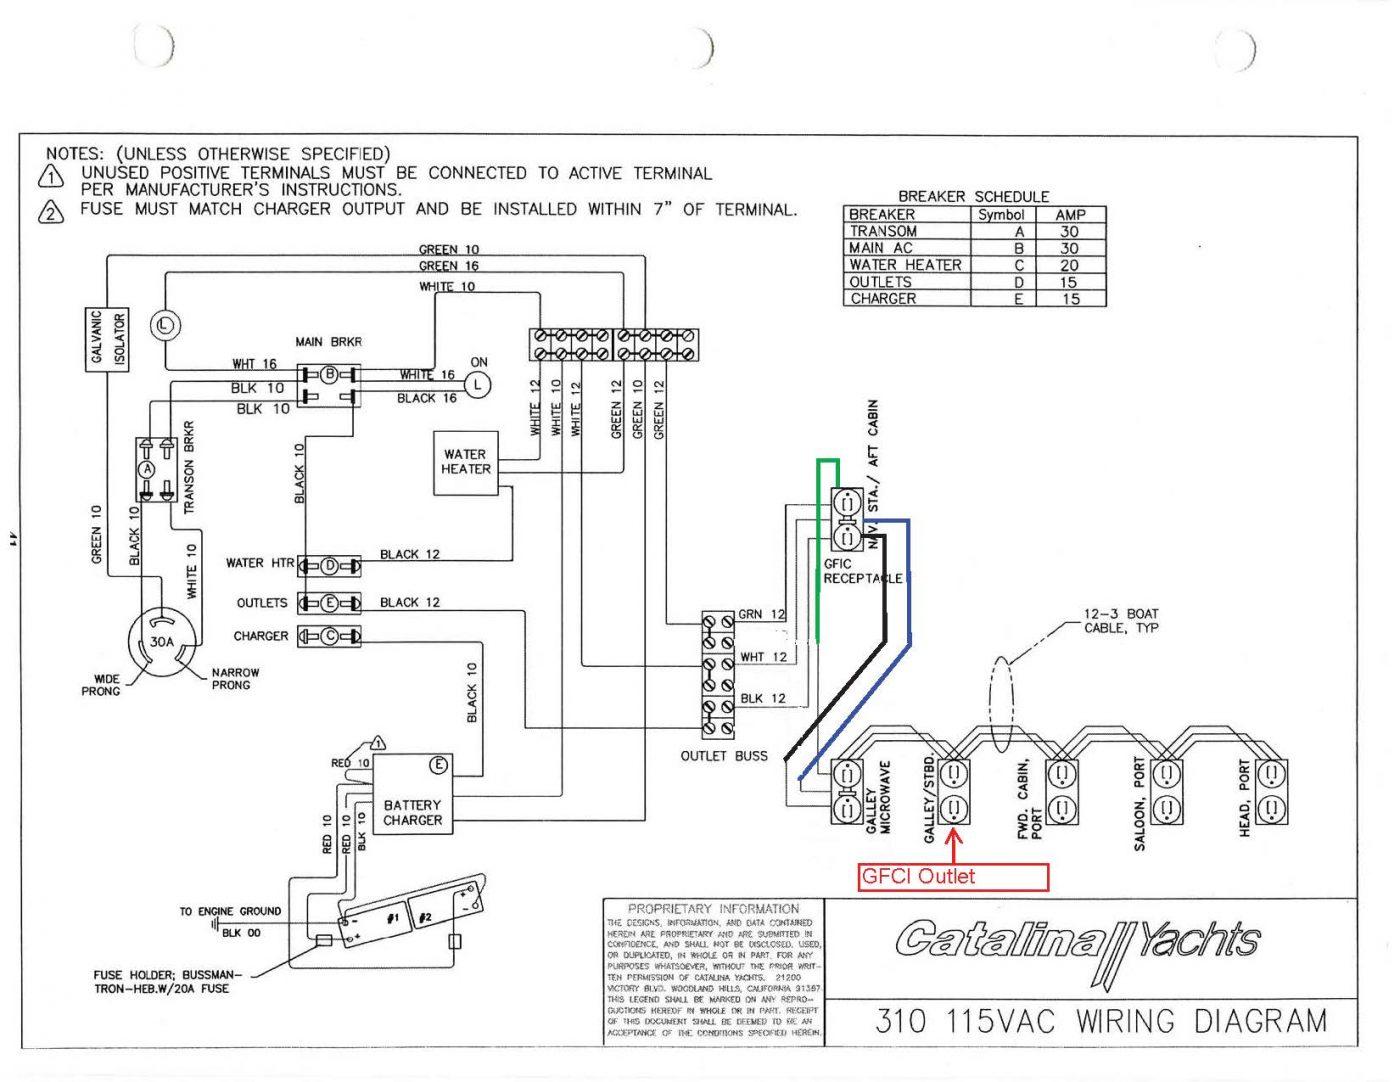 Air Conditioner Wiring Diagram Pdf Car Air Conditioning System Wiring Diagram Pdf Gallery